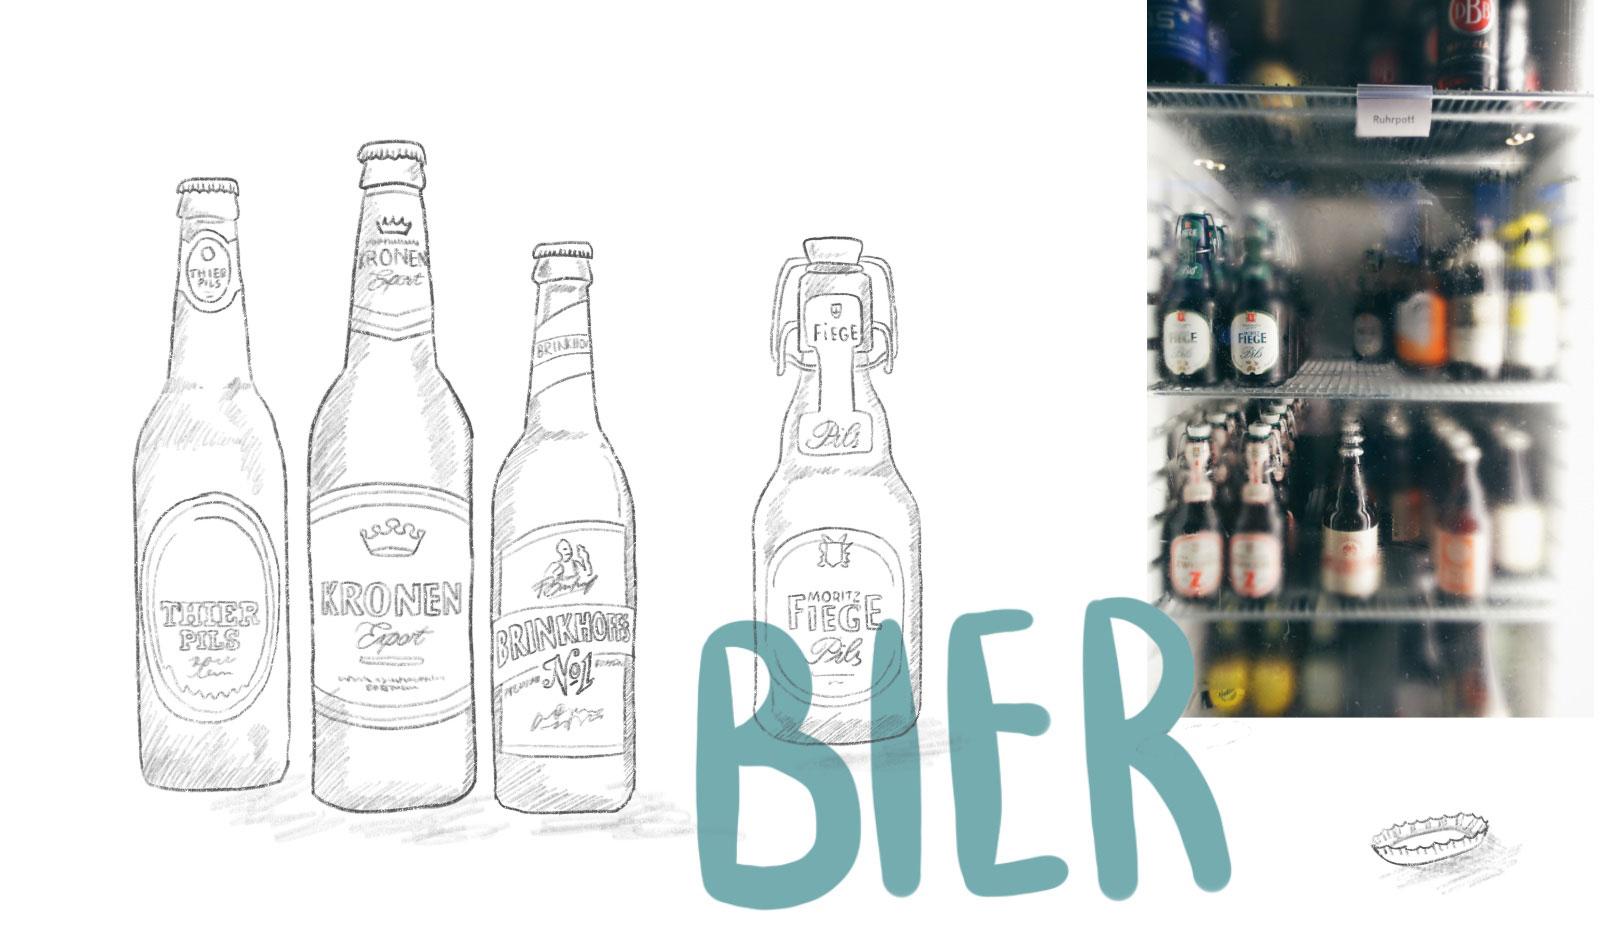 Bier Brauereien im Ruhrgebiet